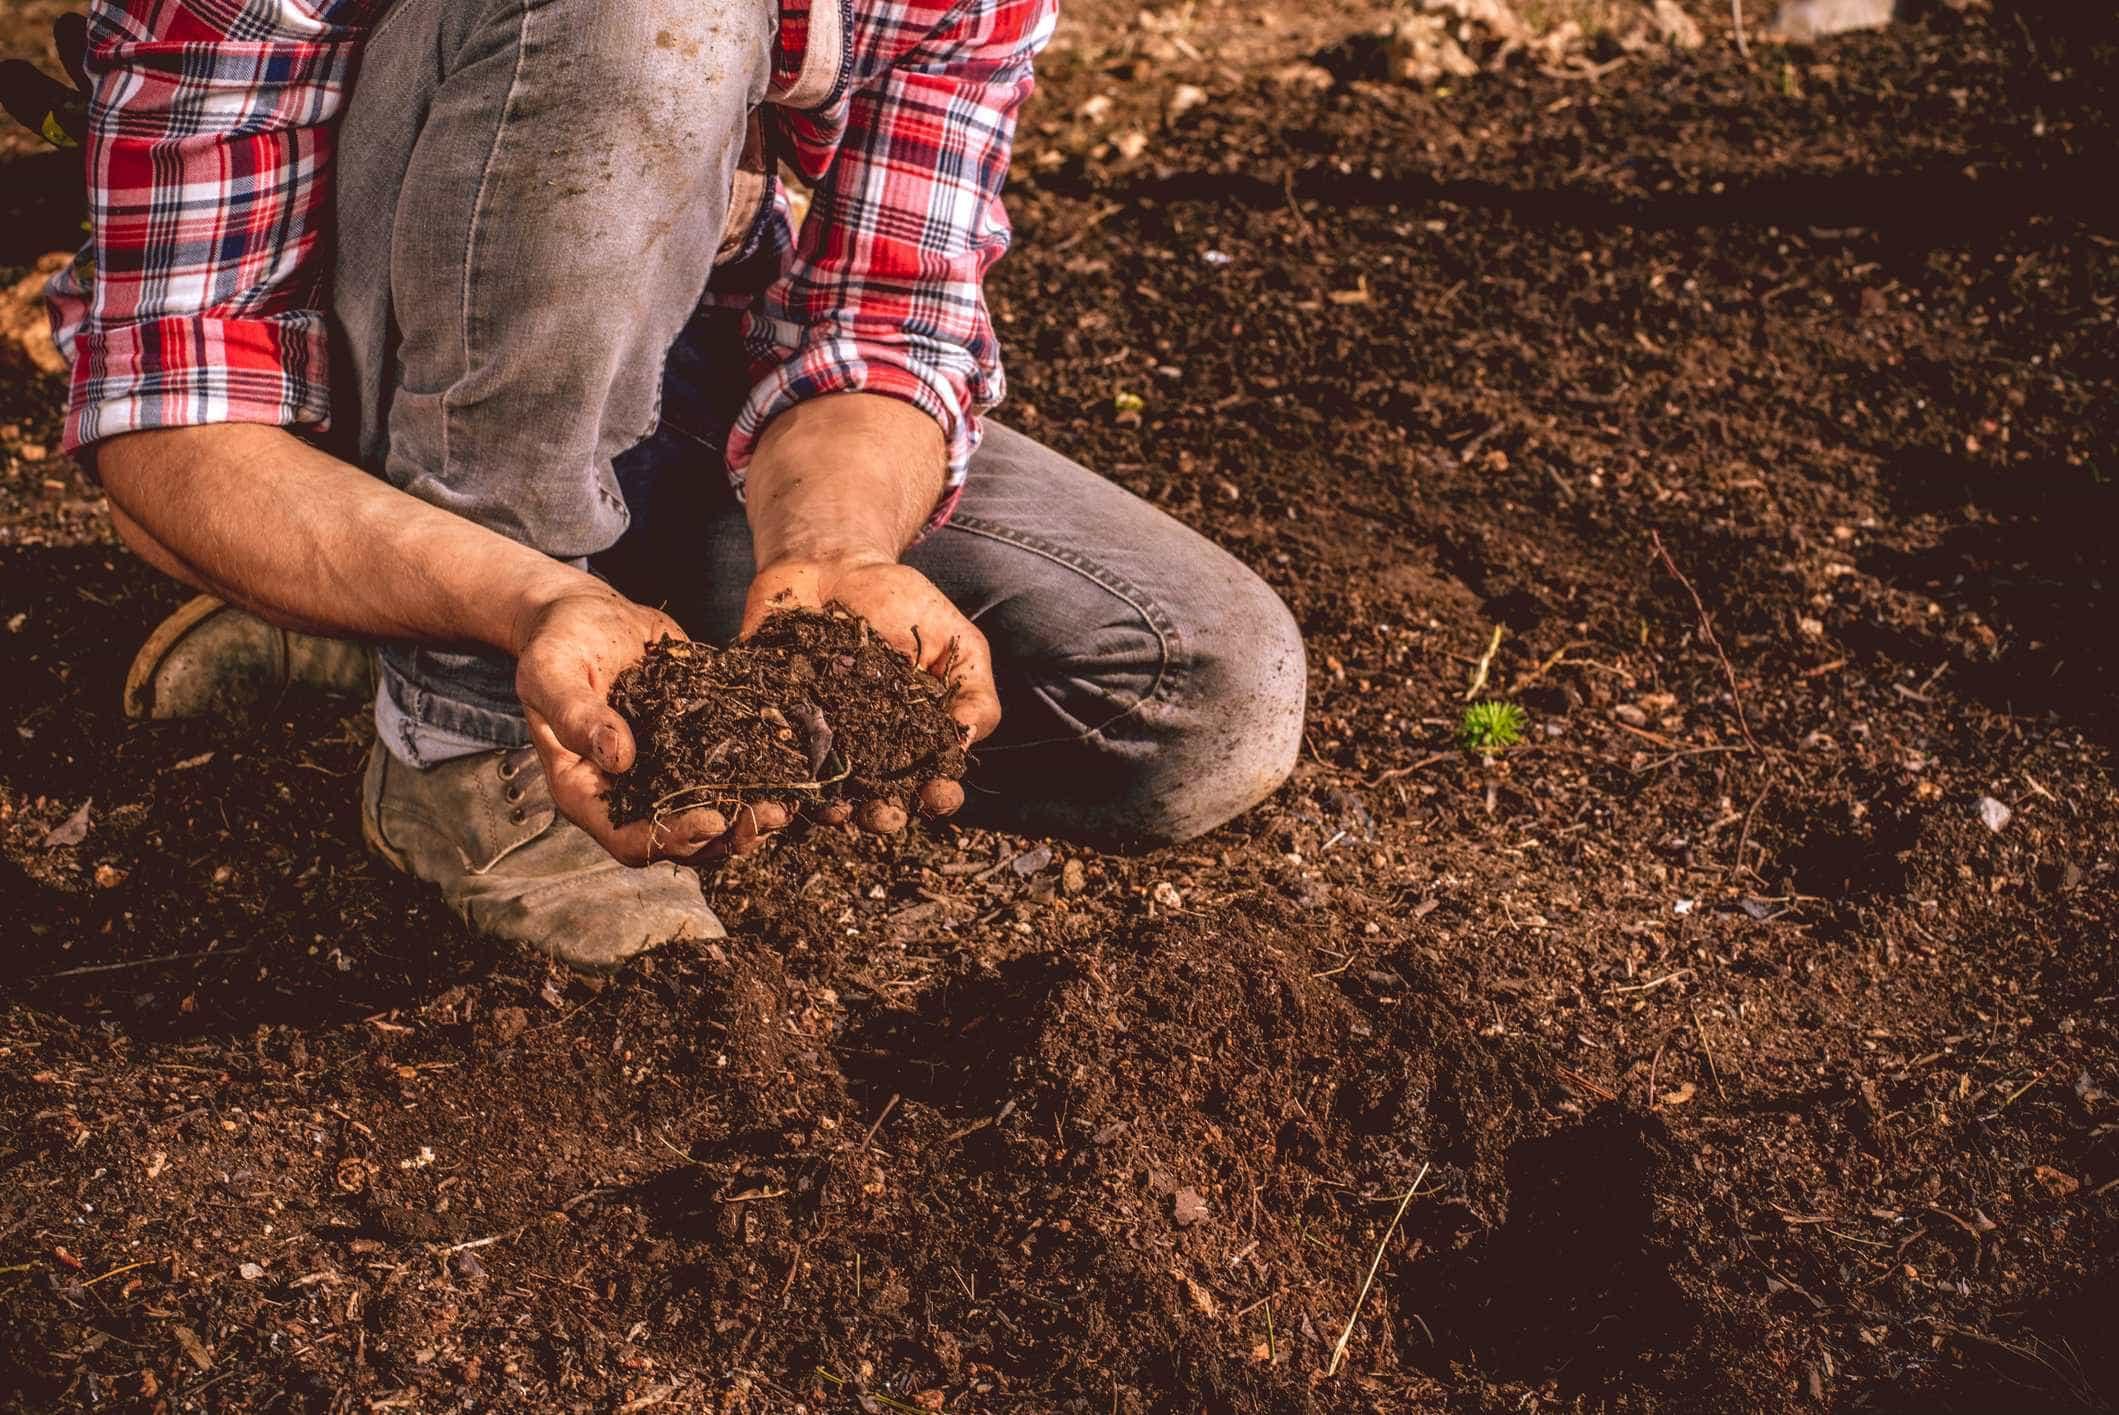 Bruxelas aumenta ajudas a agricultores sem notificação prévia